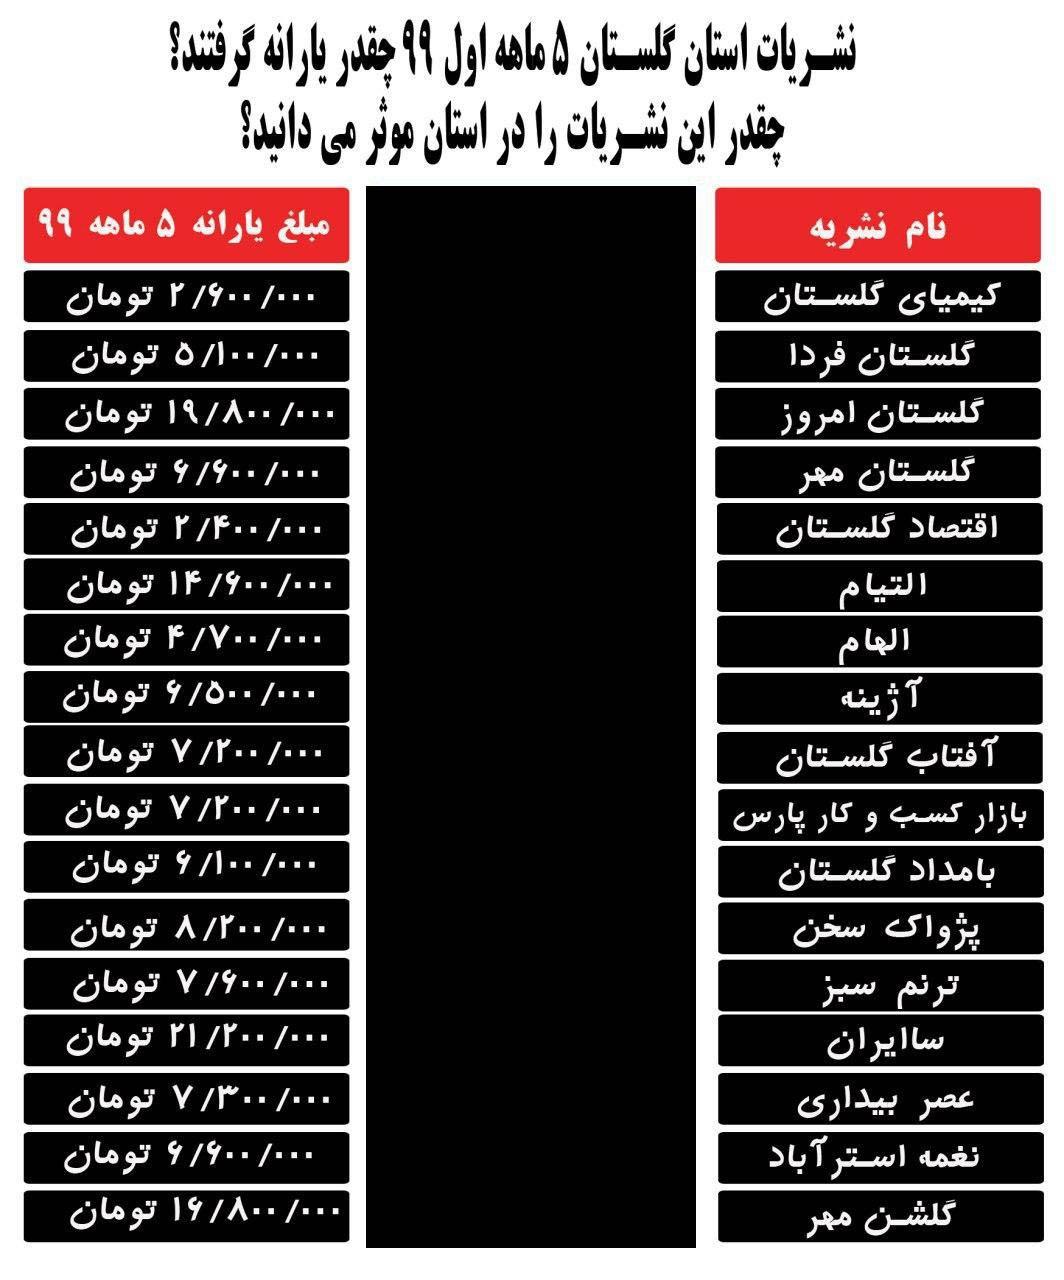 وضعیت نابسامان در پرداخت یارانه ها به نشریات گلستان / برخی نشریات بدون هیچ فعالیتی مشمول دریافت یارانه شدند؟!